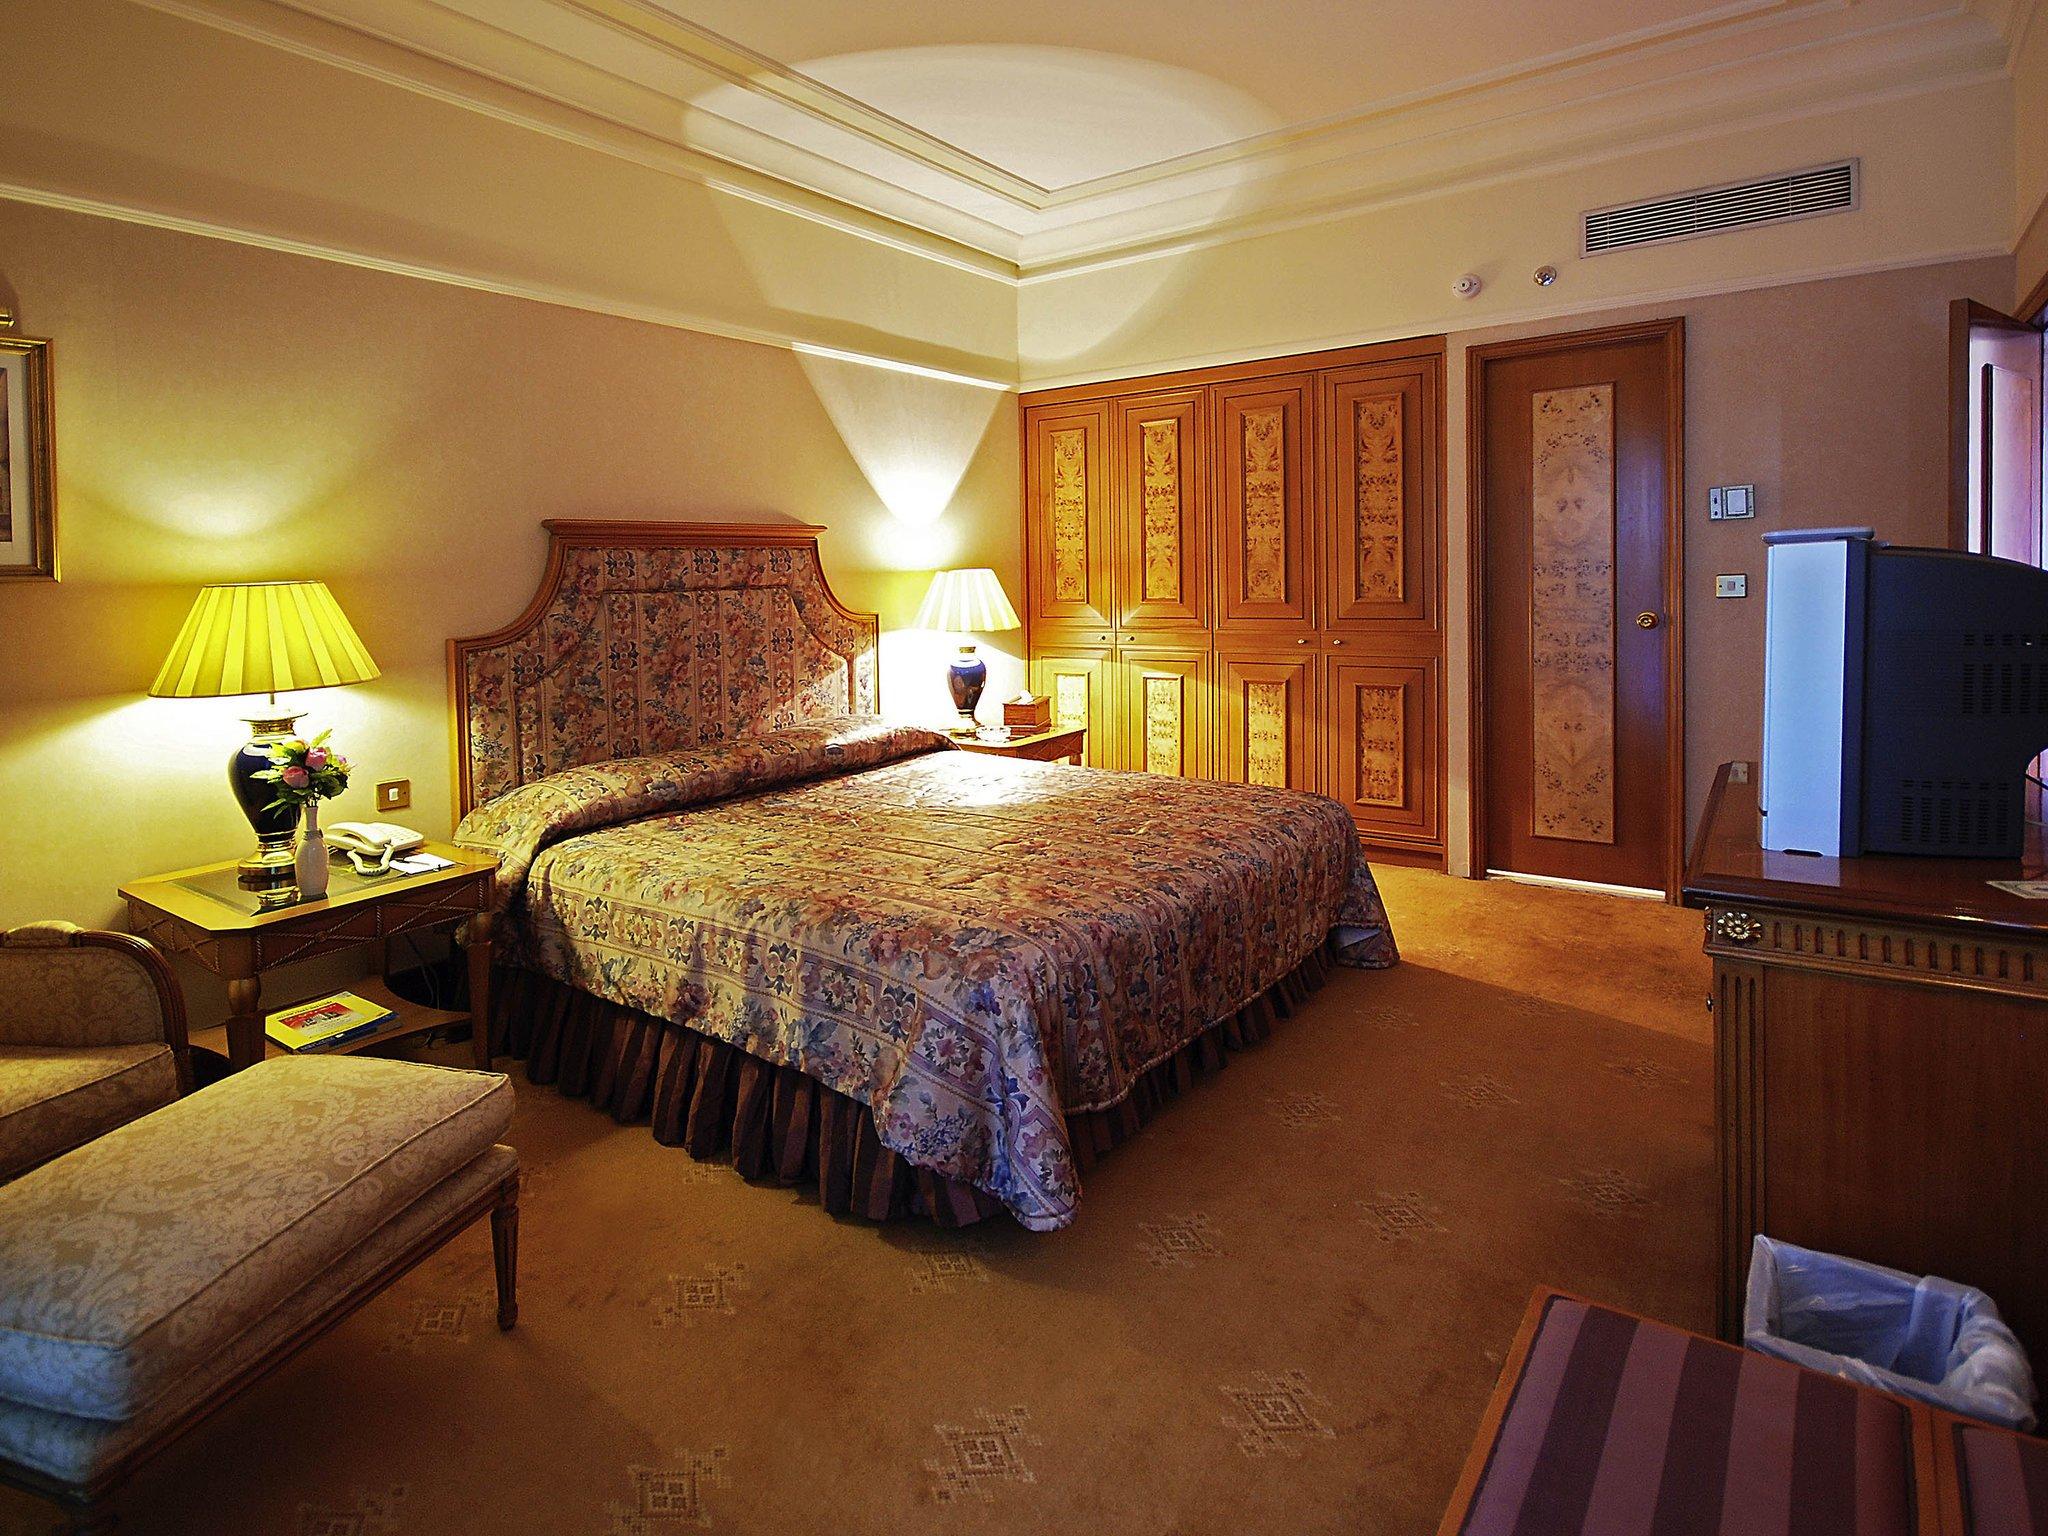 Mercure Hotel Khamis Mushayt